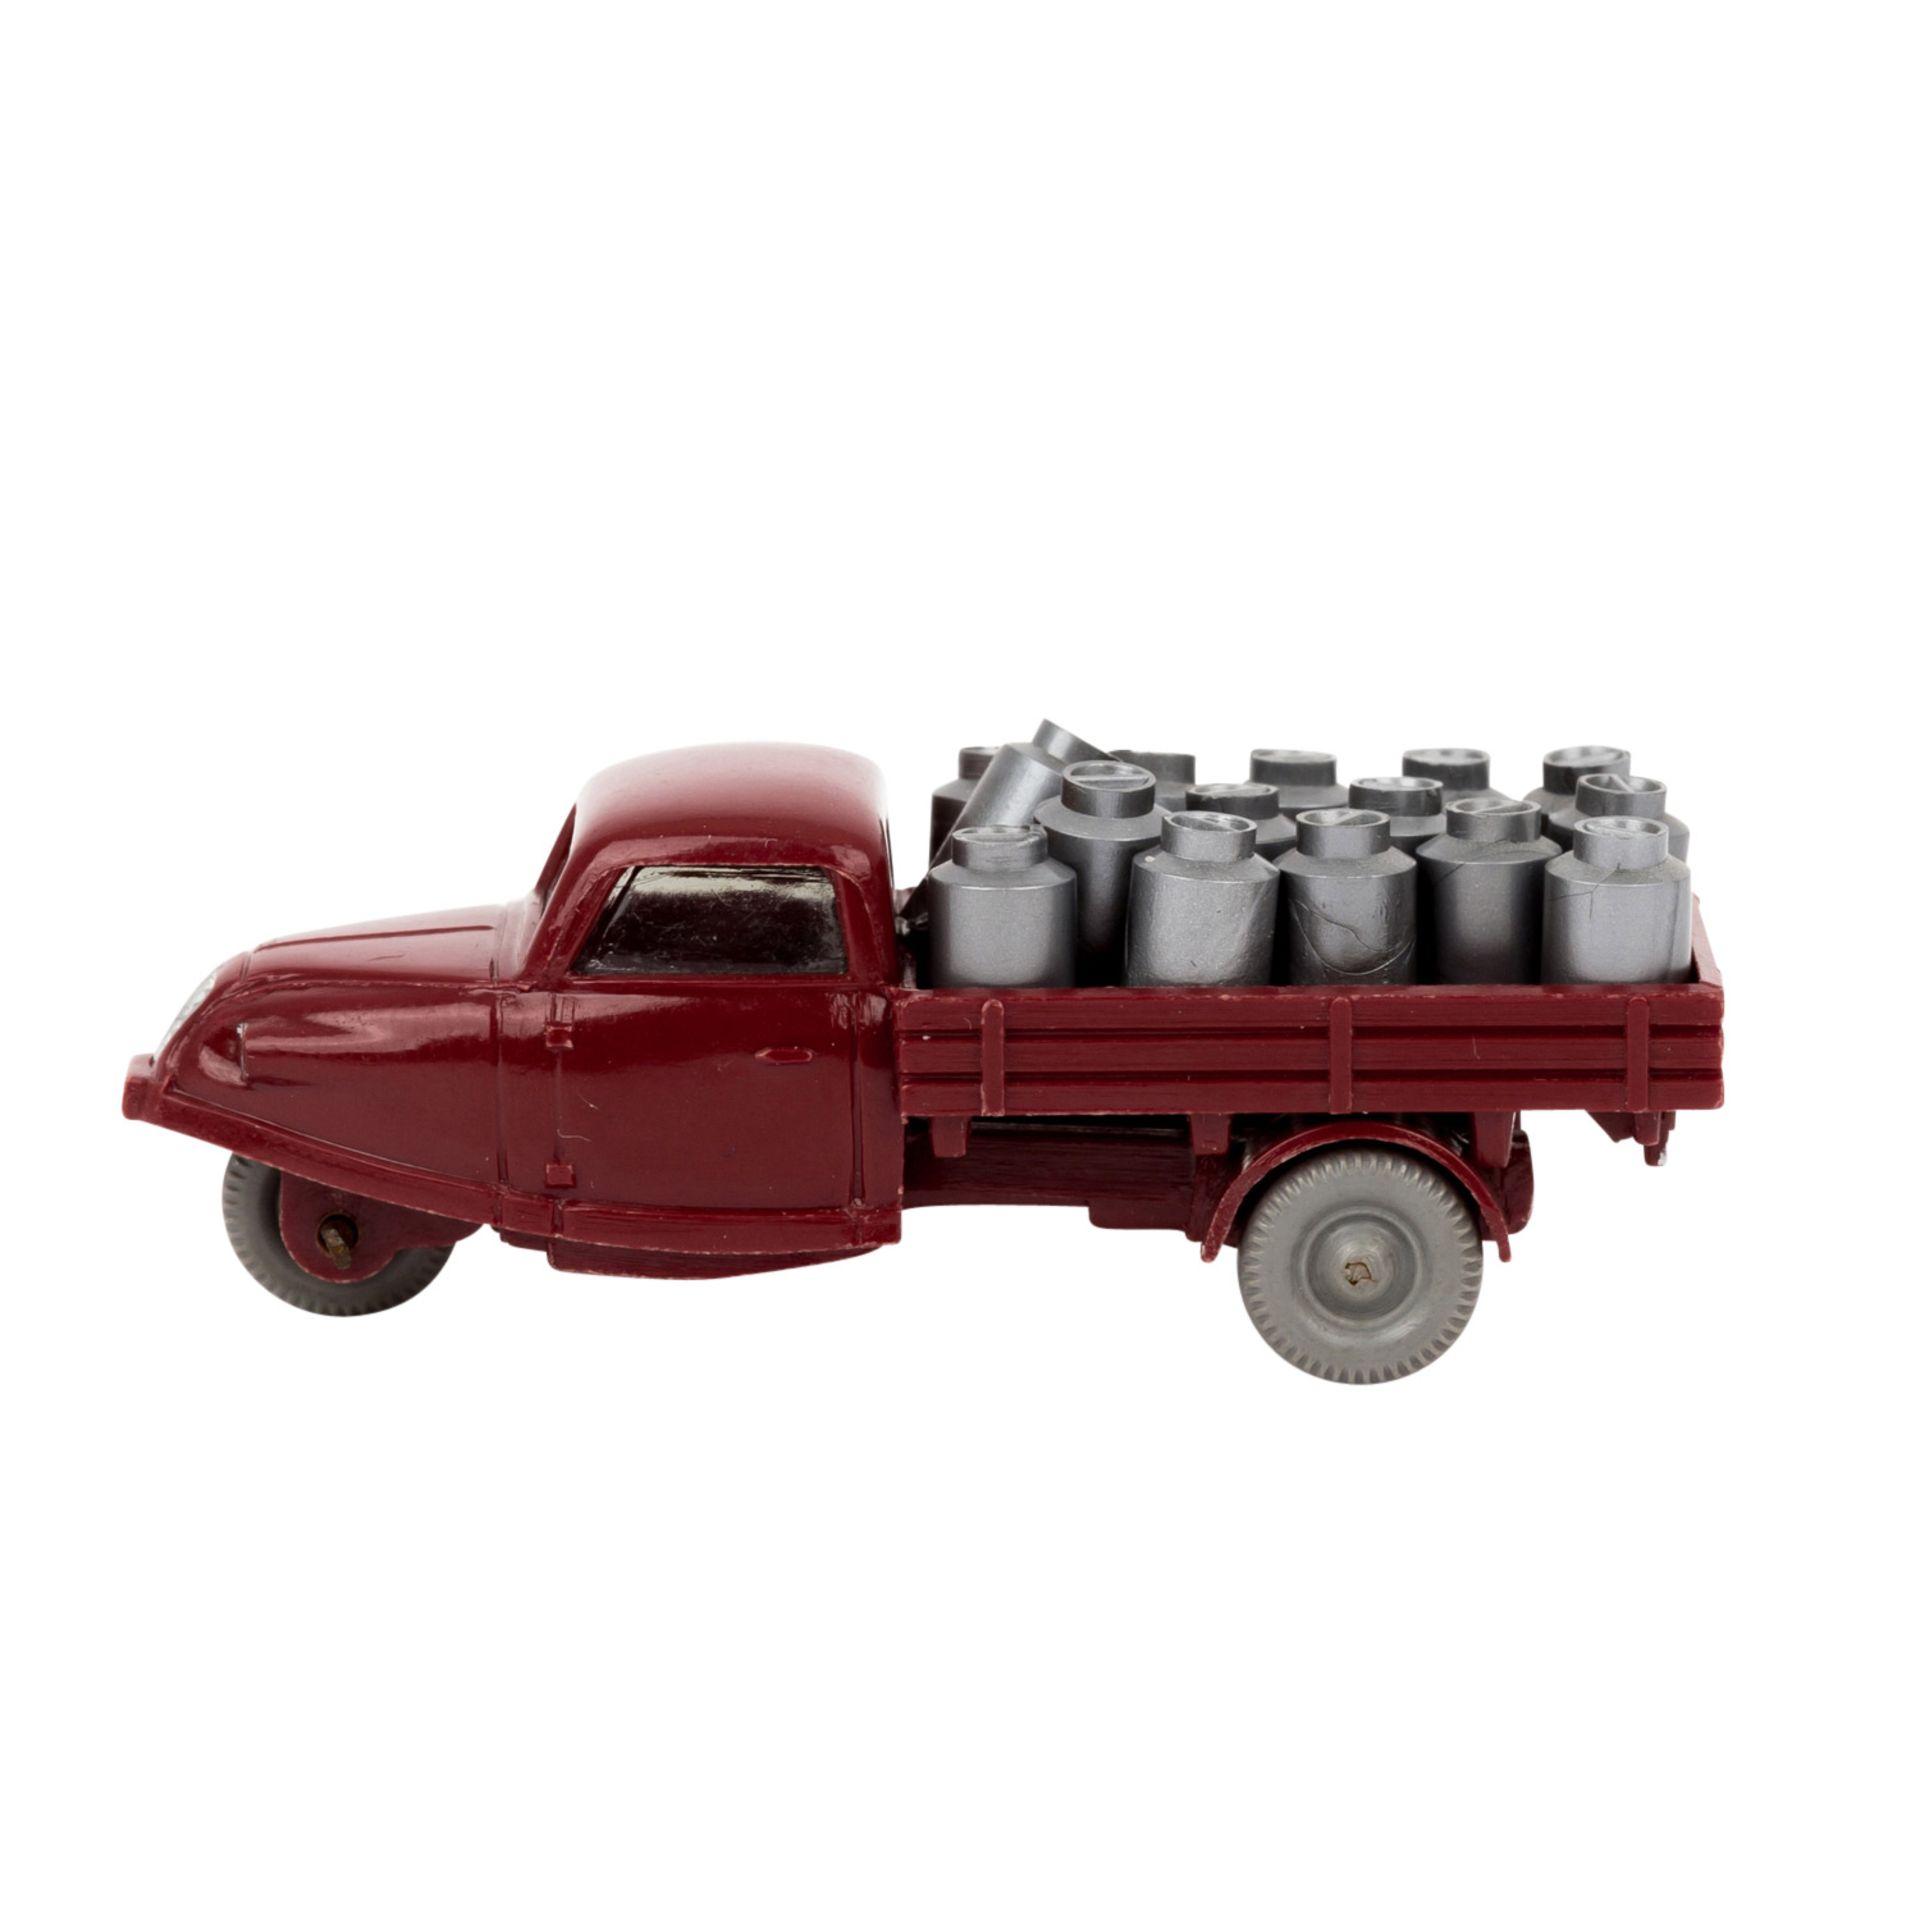 """WIKING Goli-Dreiradwagen 1959-64,weinrote Karosserie, Bodenprägung """"WM"""" , Grill, Sche - Image 2 of 6"""